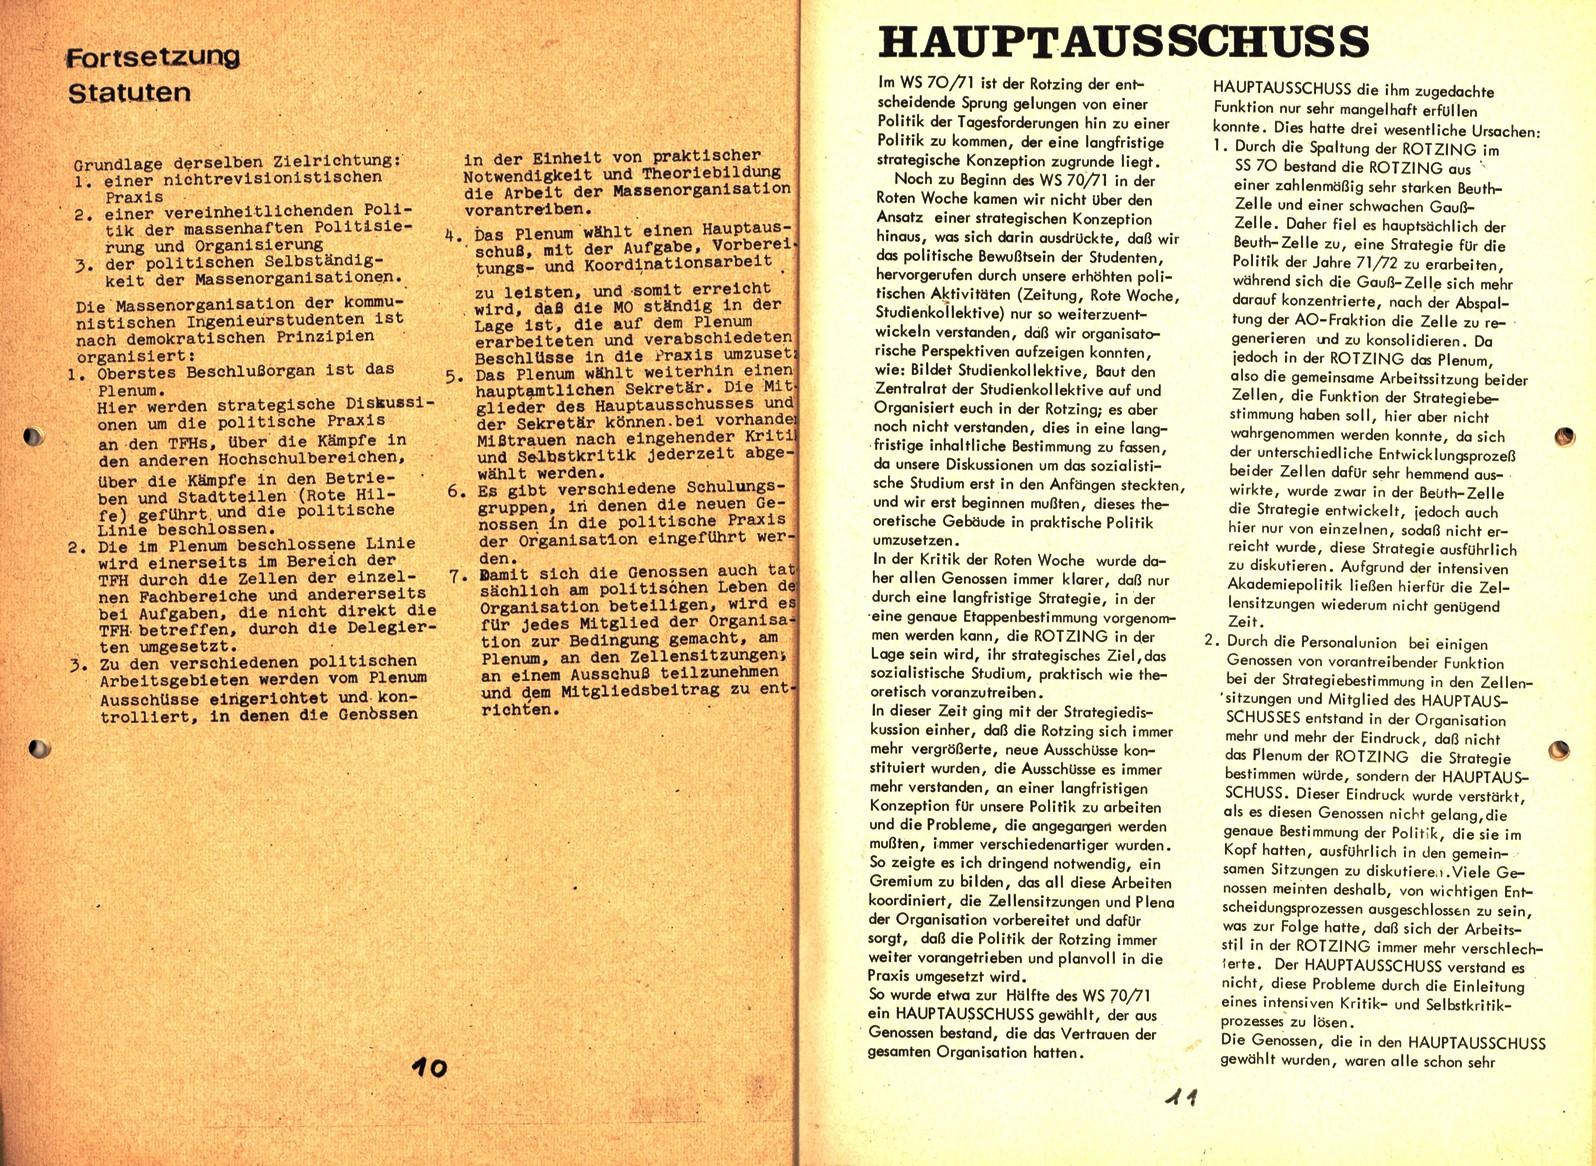 Berlin_Rotzing_1971_Kampfbericht_06